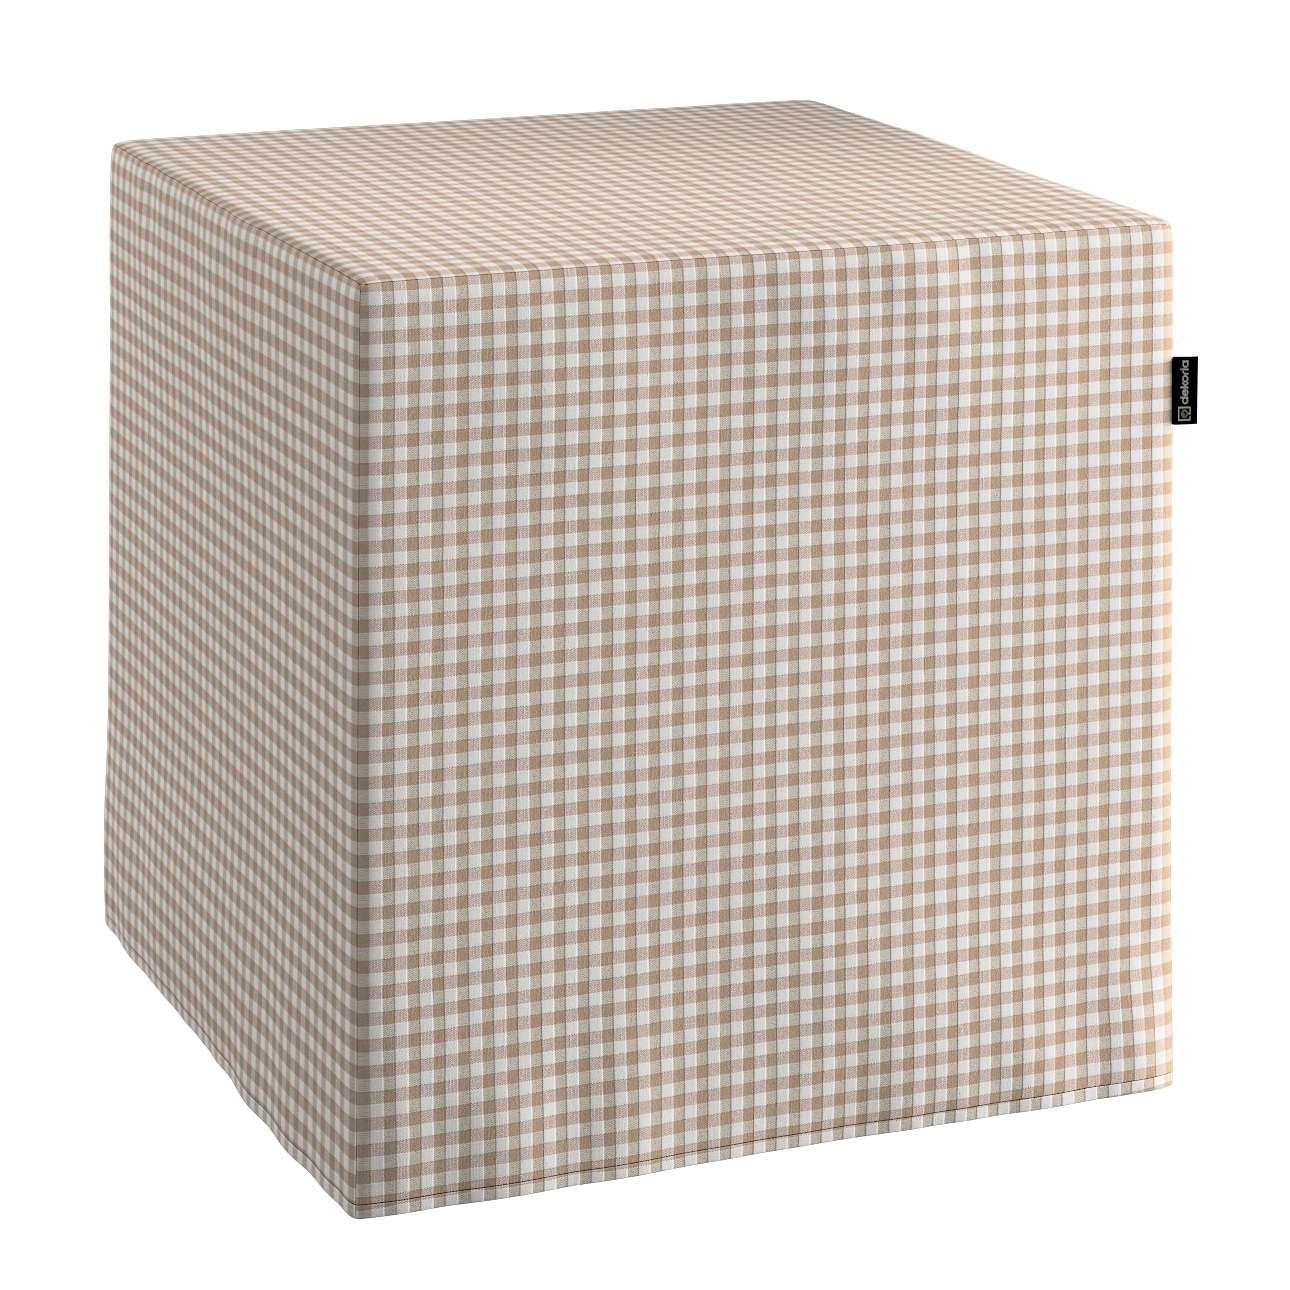 Bezug für Sitzwürfel Bezug für Sitzwürfel 40x40x40 cm von der Kollektion Quadro, Stoff: 136-05